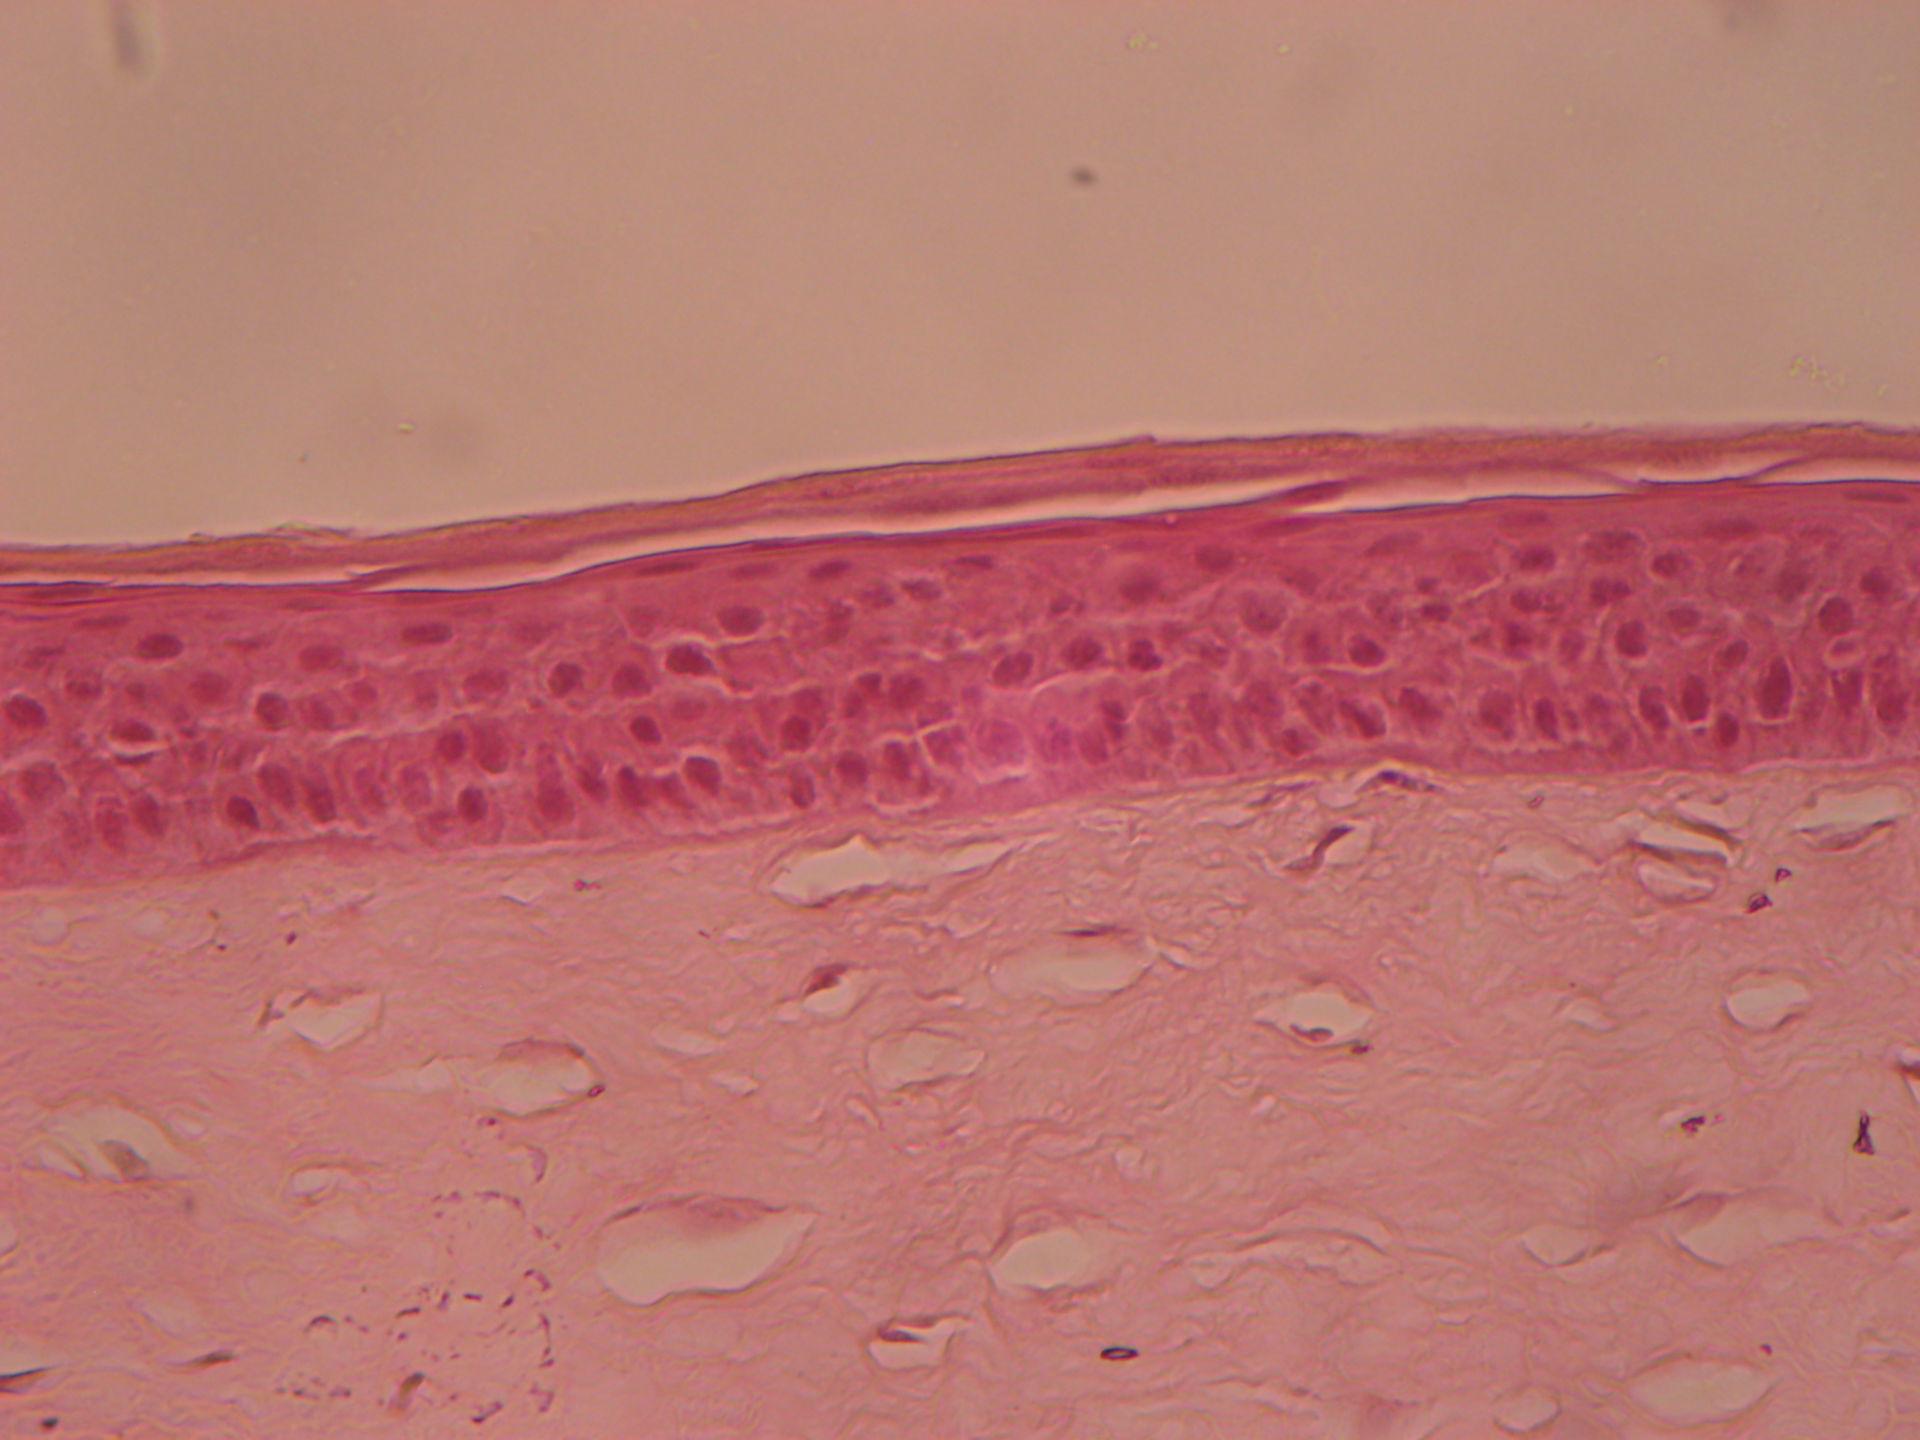 Eye of sheep (1) -  Cornea Epithelium anterius cornea   Lamina limitans anterior   Substantia propria corneae